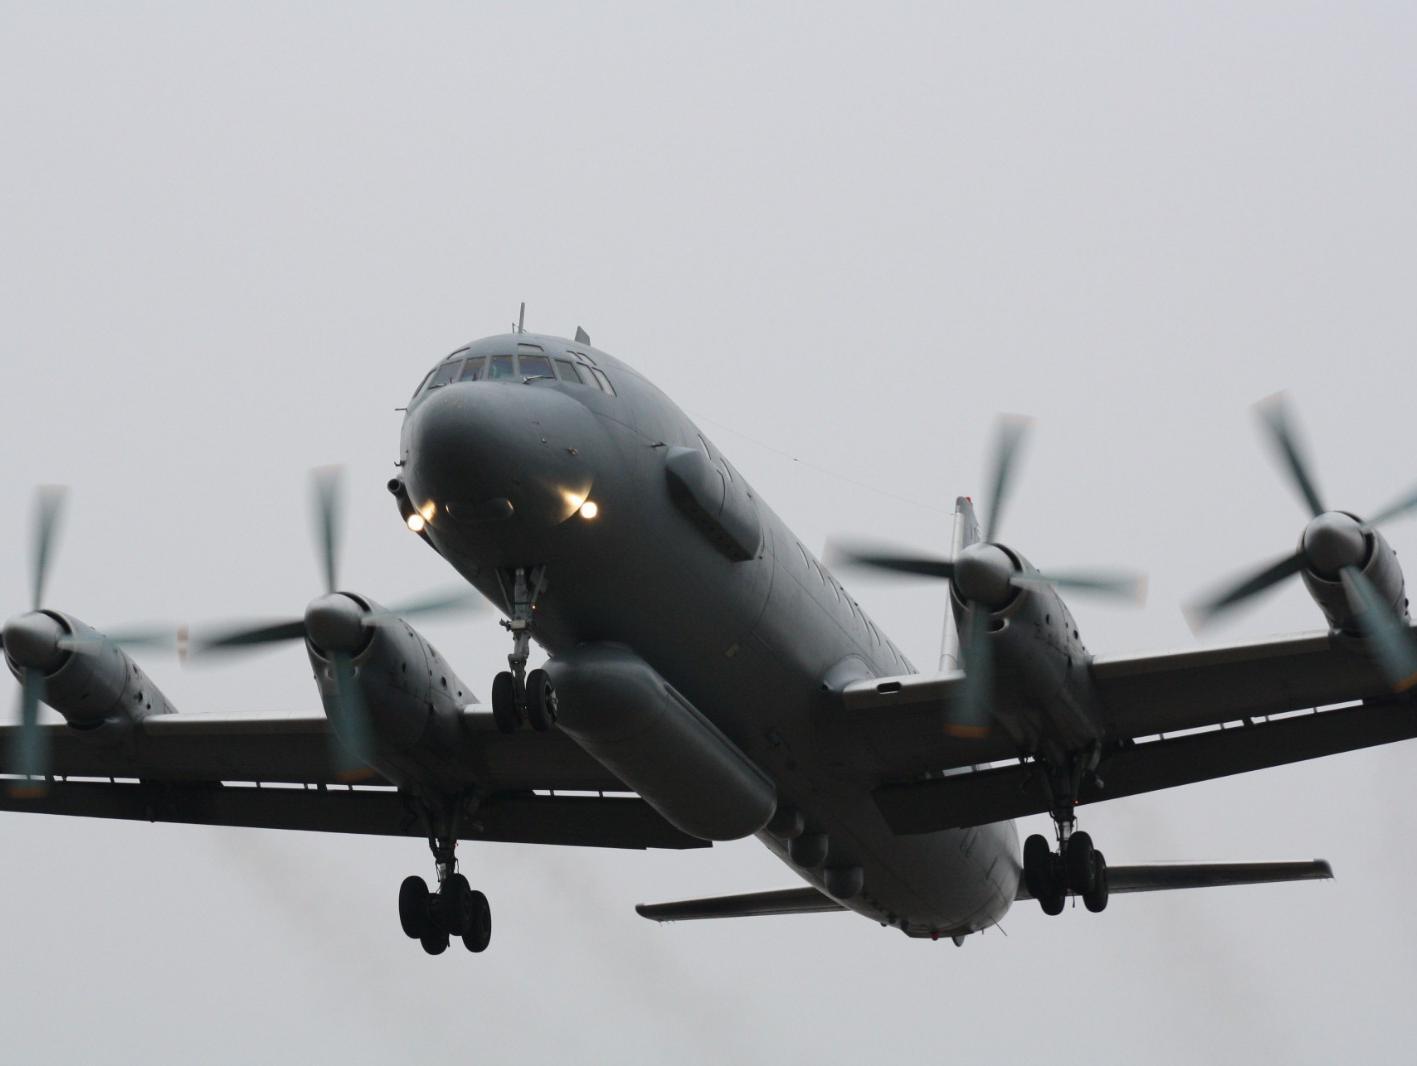 דיווח: רוסיה תסגור את המרחב האווירי לחופי סוריה